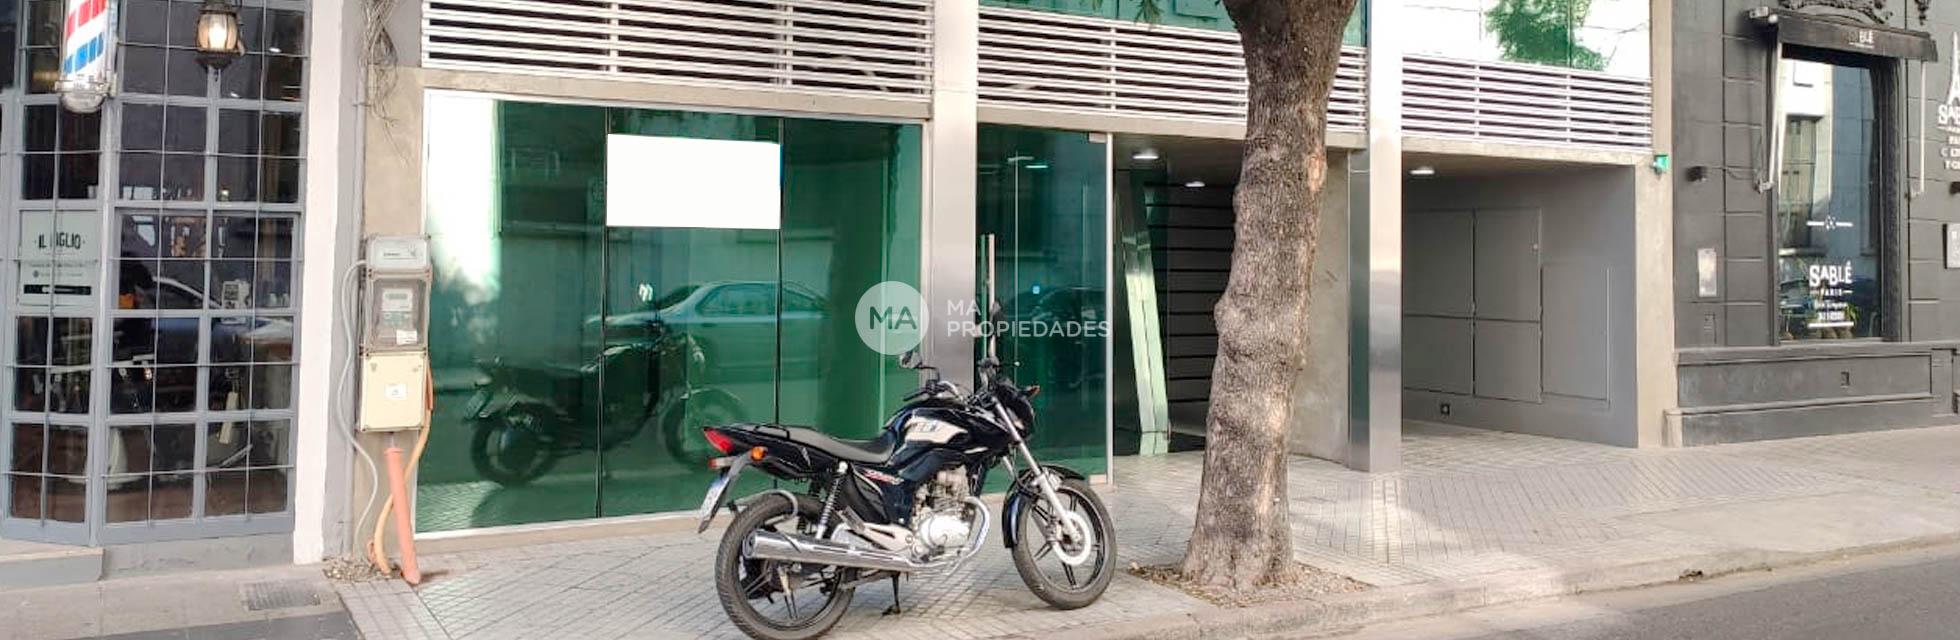 Montevideo 2070